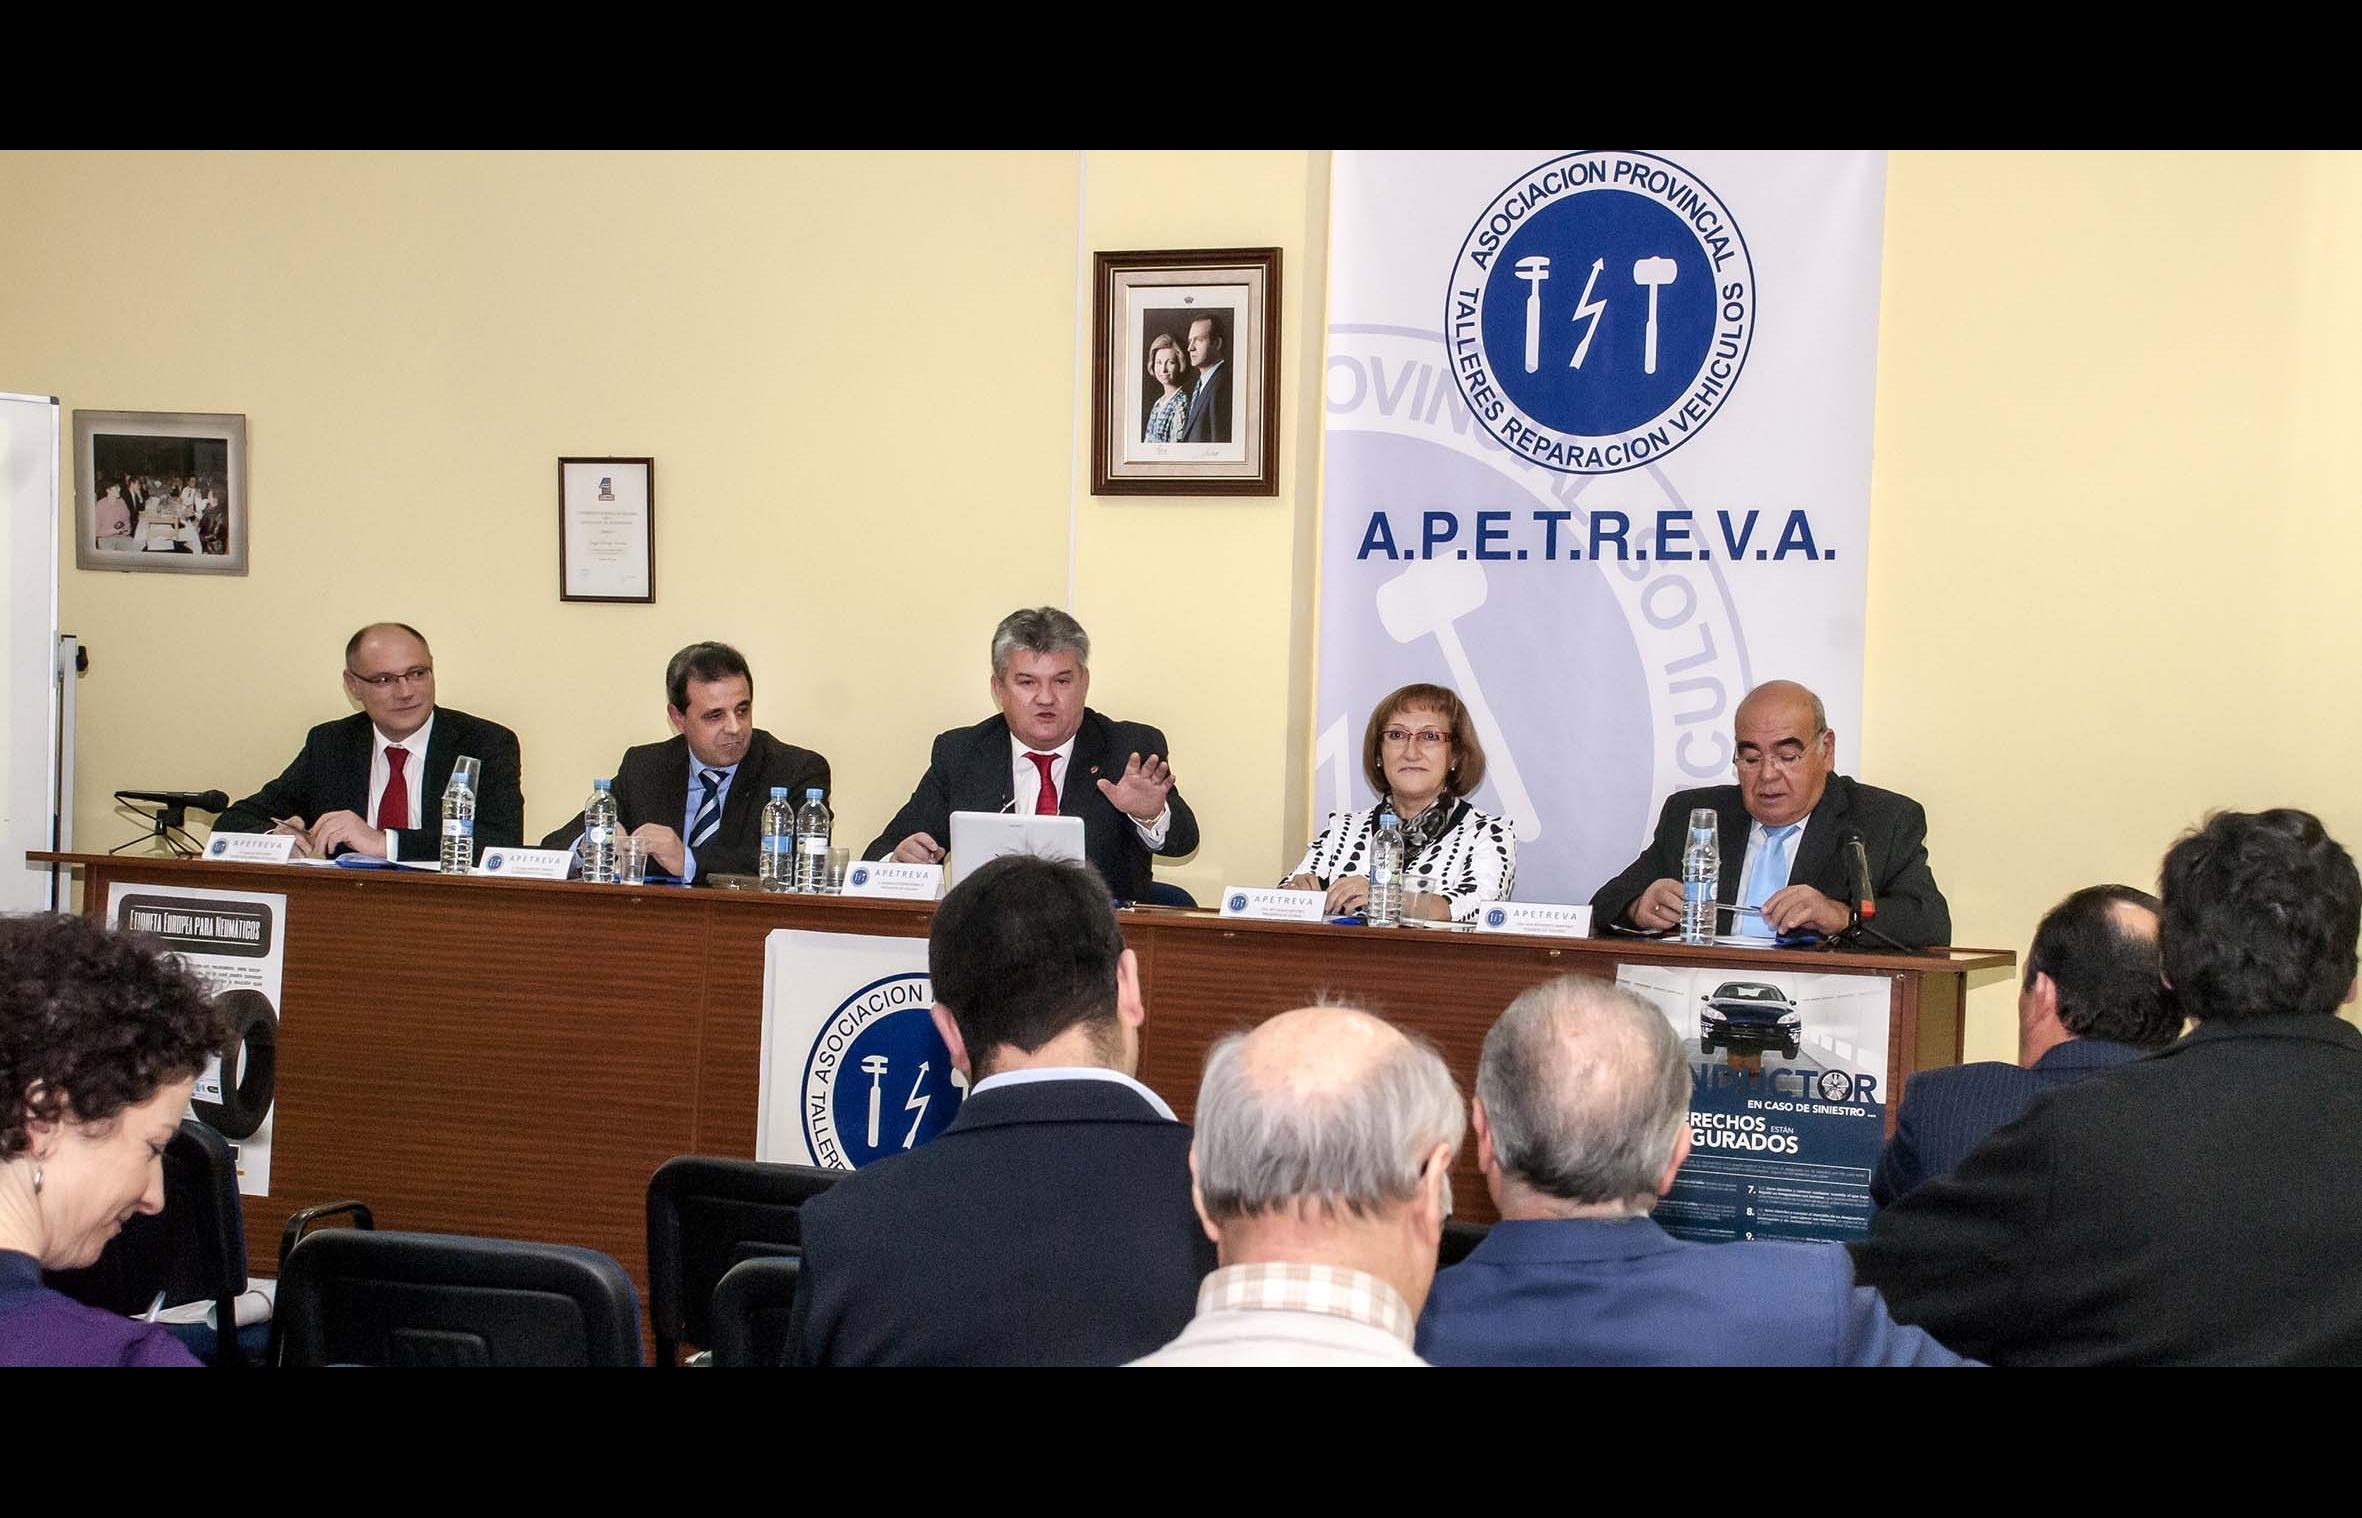 Asamblea anual 2013 de APETREVA